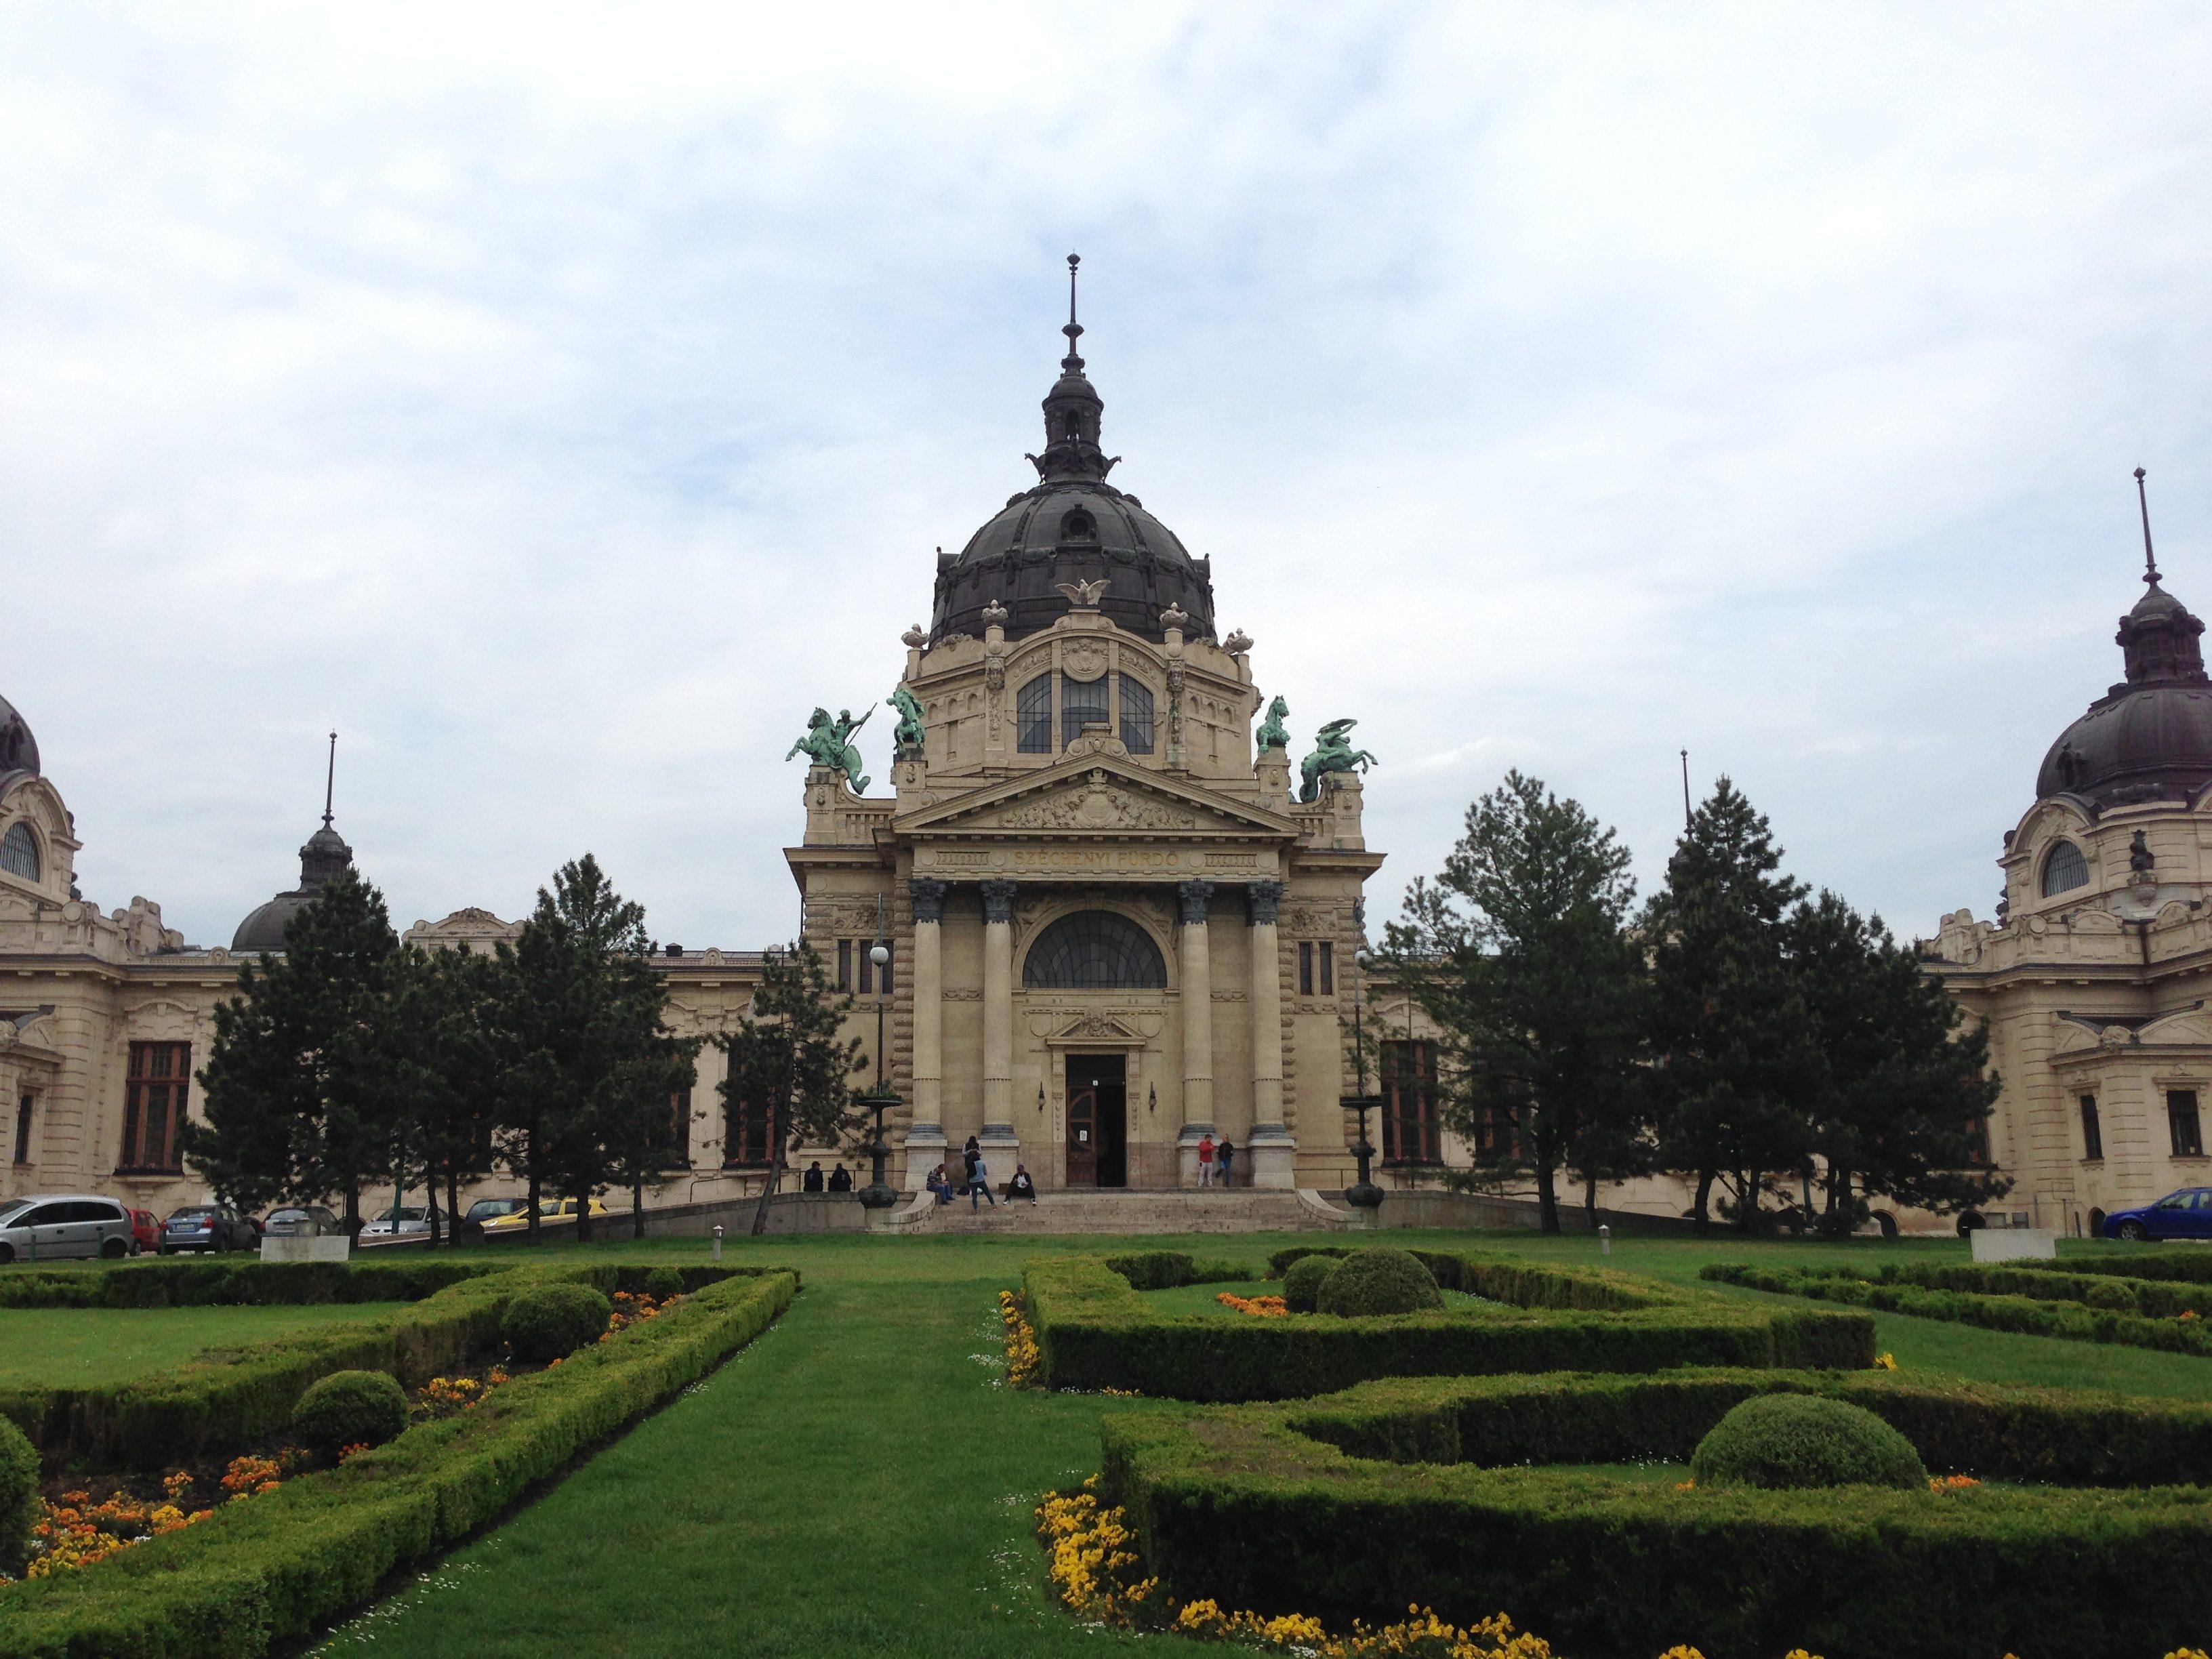 Széchenyi baths in Budapest